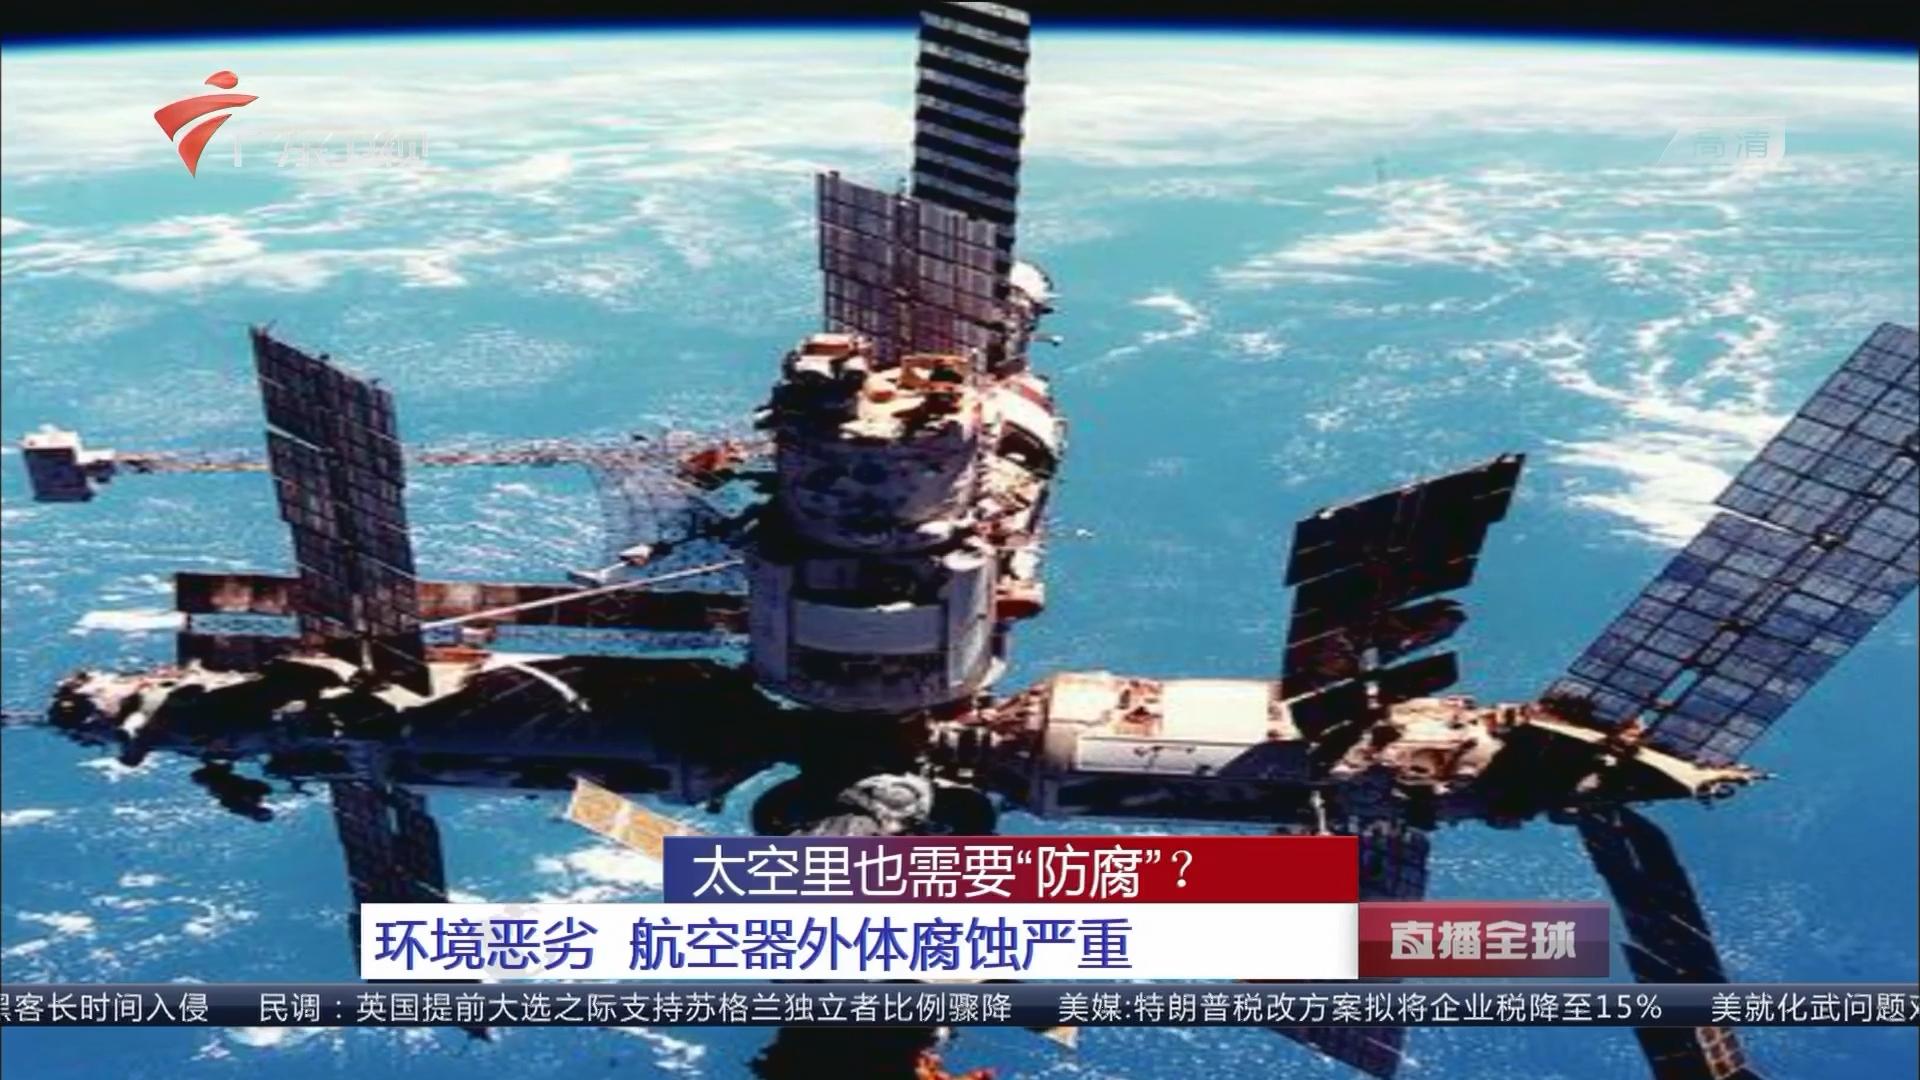 """太空里也需要""""防腐""""?环境恶劣 航空器外体腐蚀严重"""